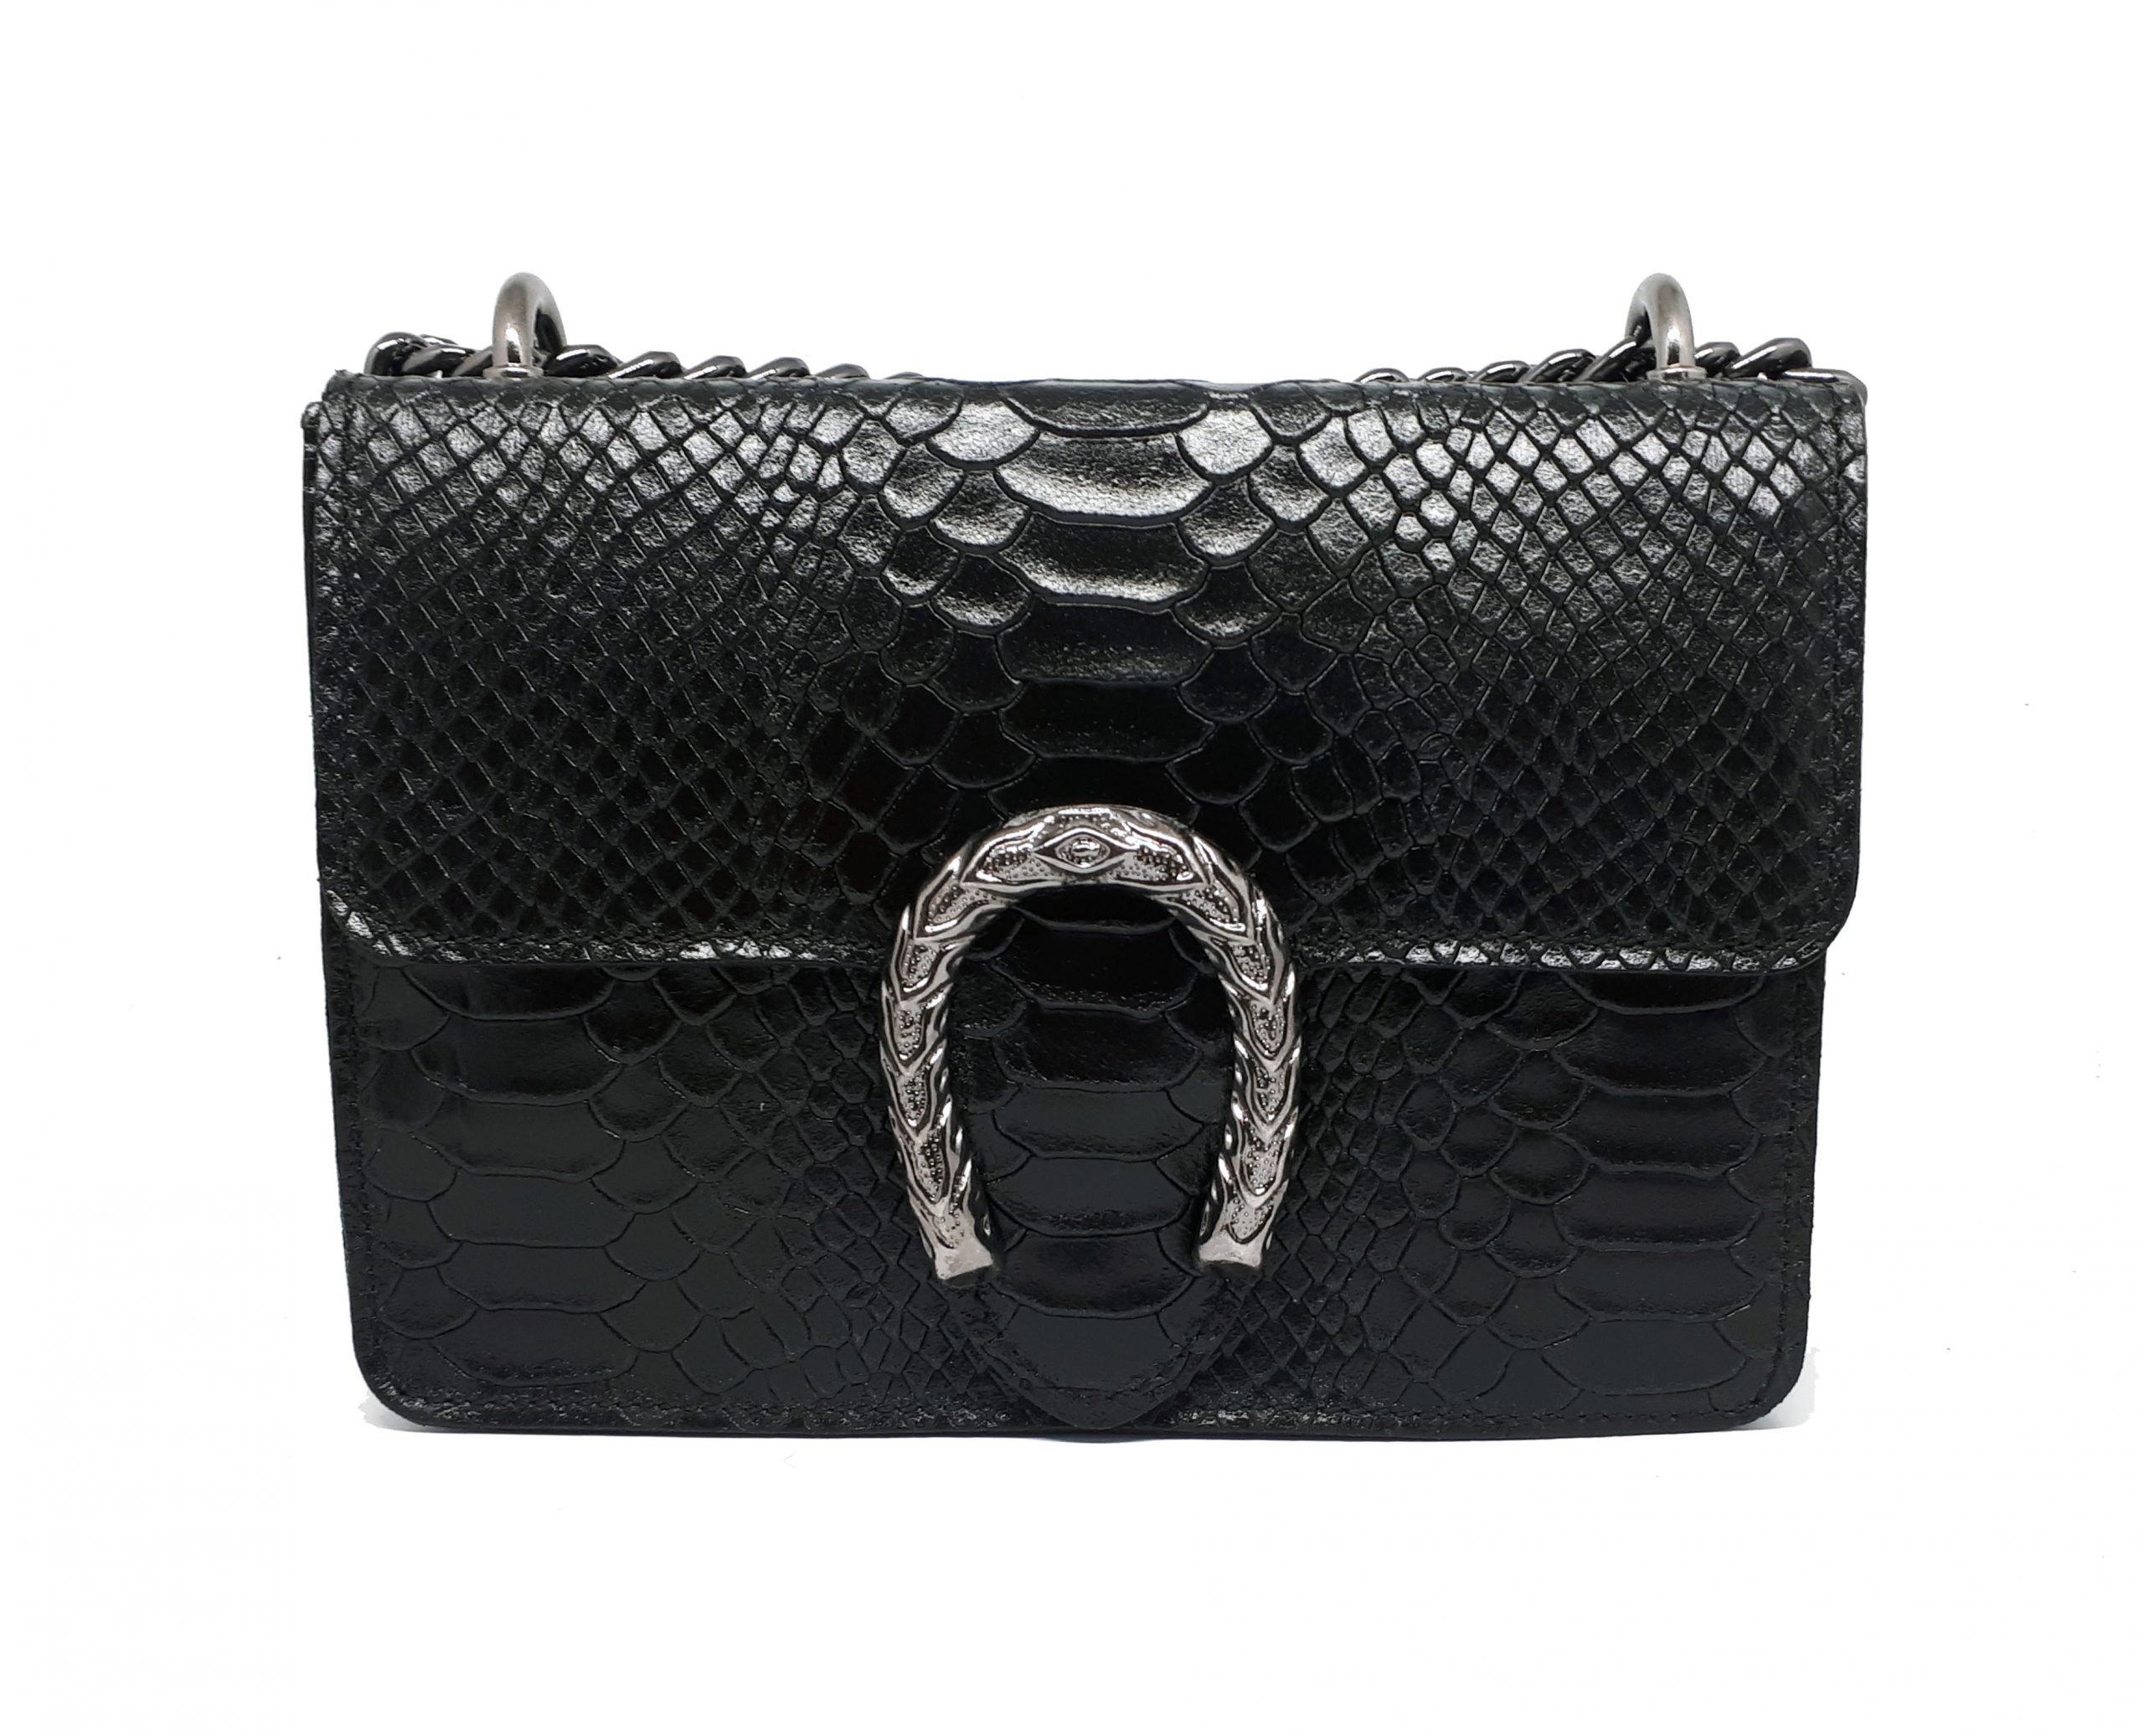 leather handbag horseshoe black